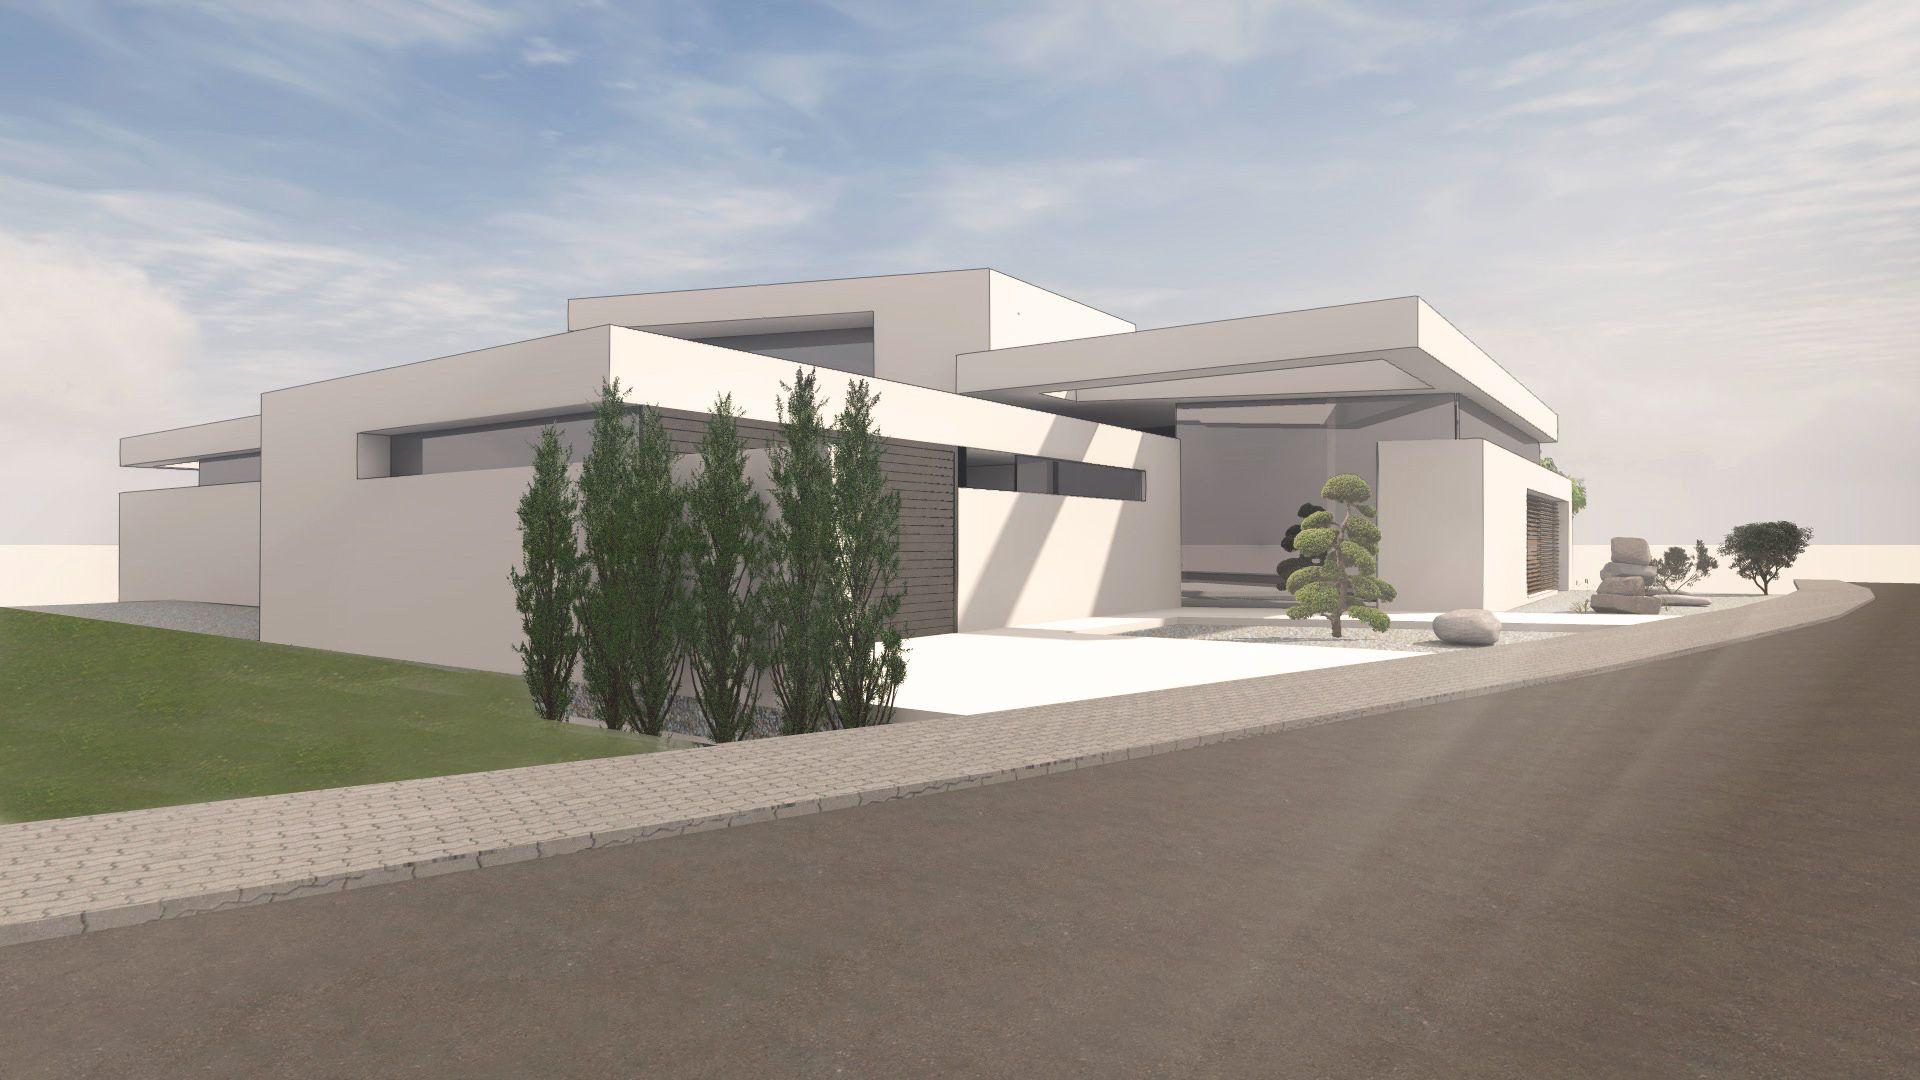 Individuelles architektenhaus 15 geschossig in modernem design mit flachdach www flow · bauhausarchitecture